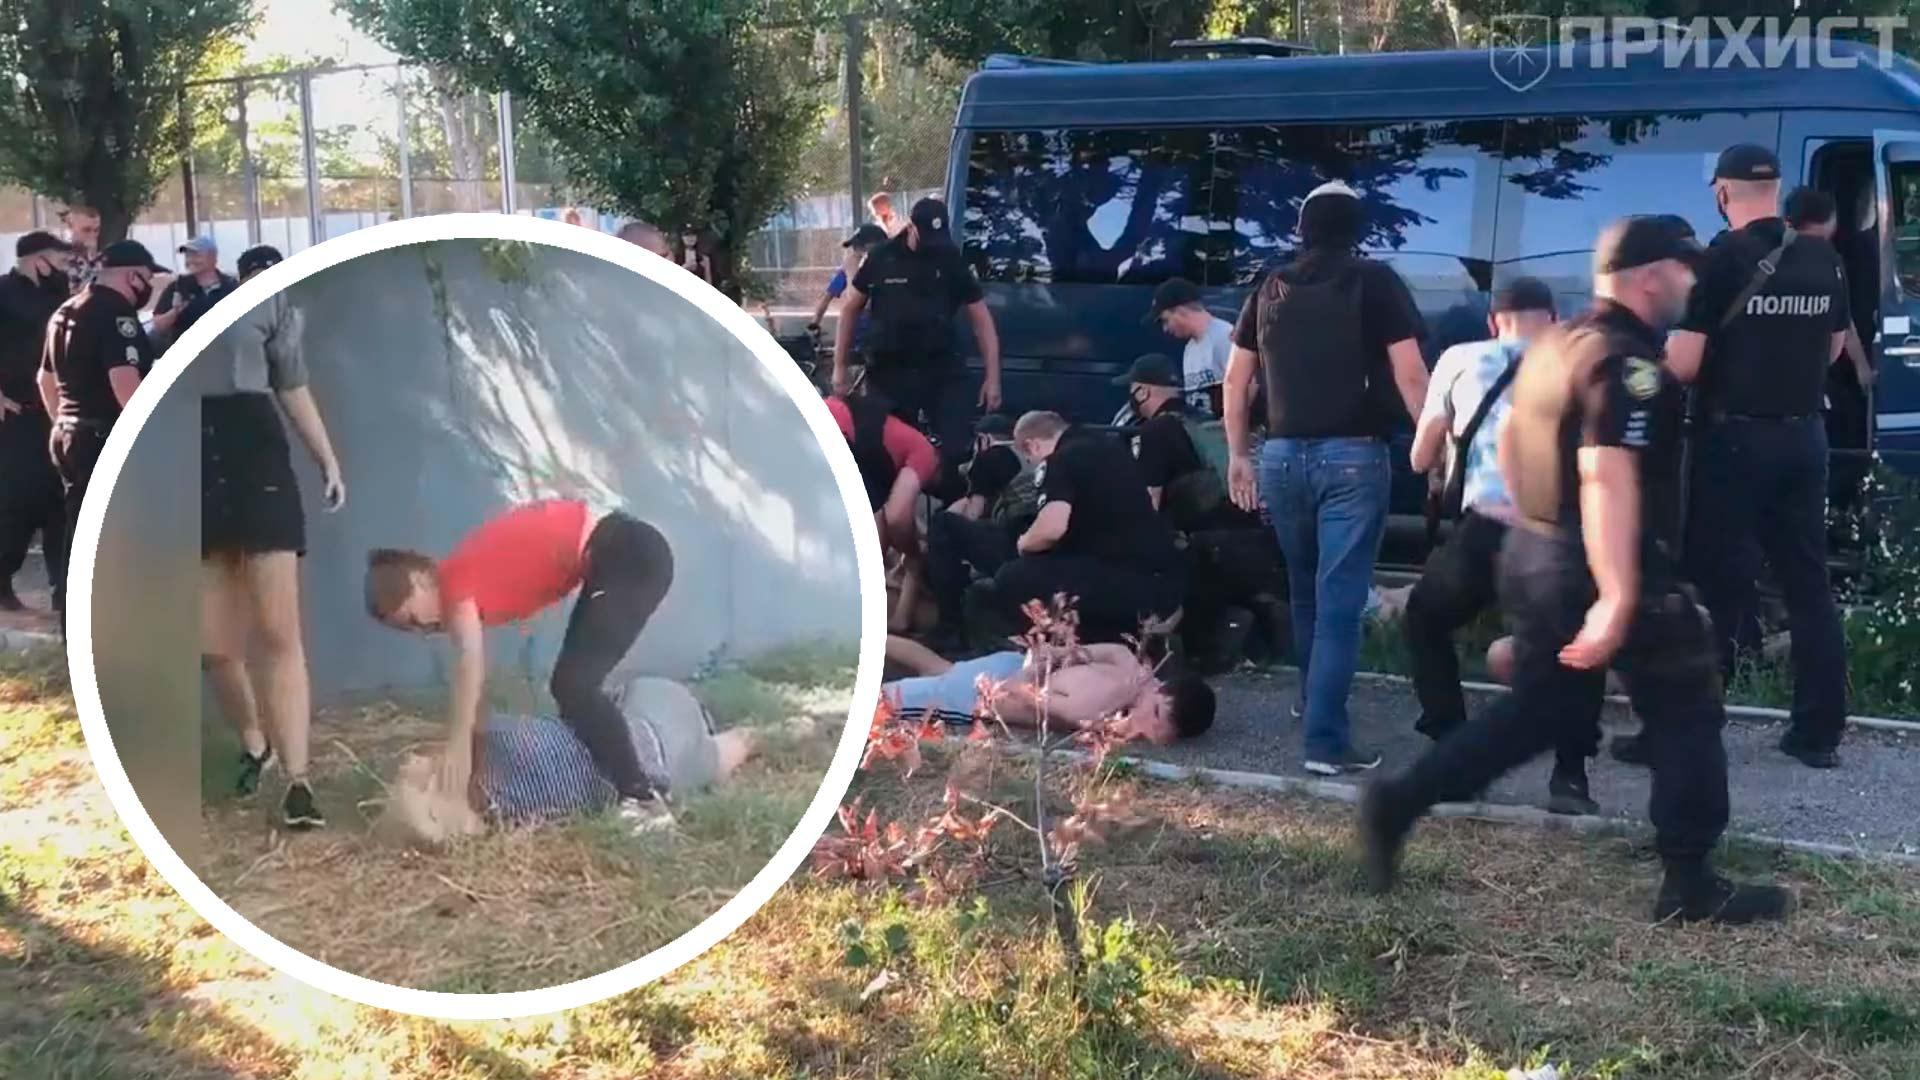 Коментар заступника начальника поліції Олексія Зозулі щодо побиття школярки та затримання футбольних фанатів   Прихист